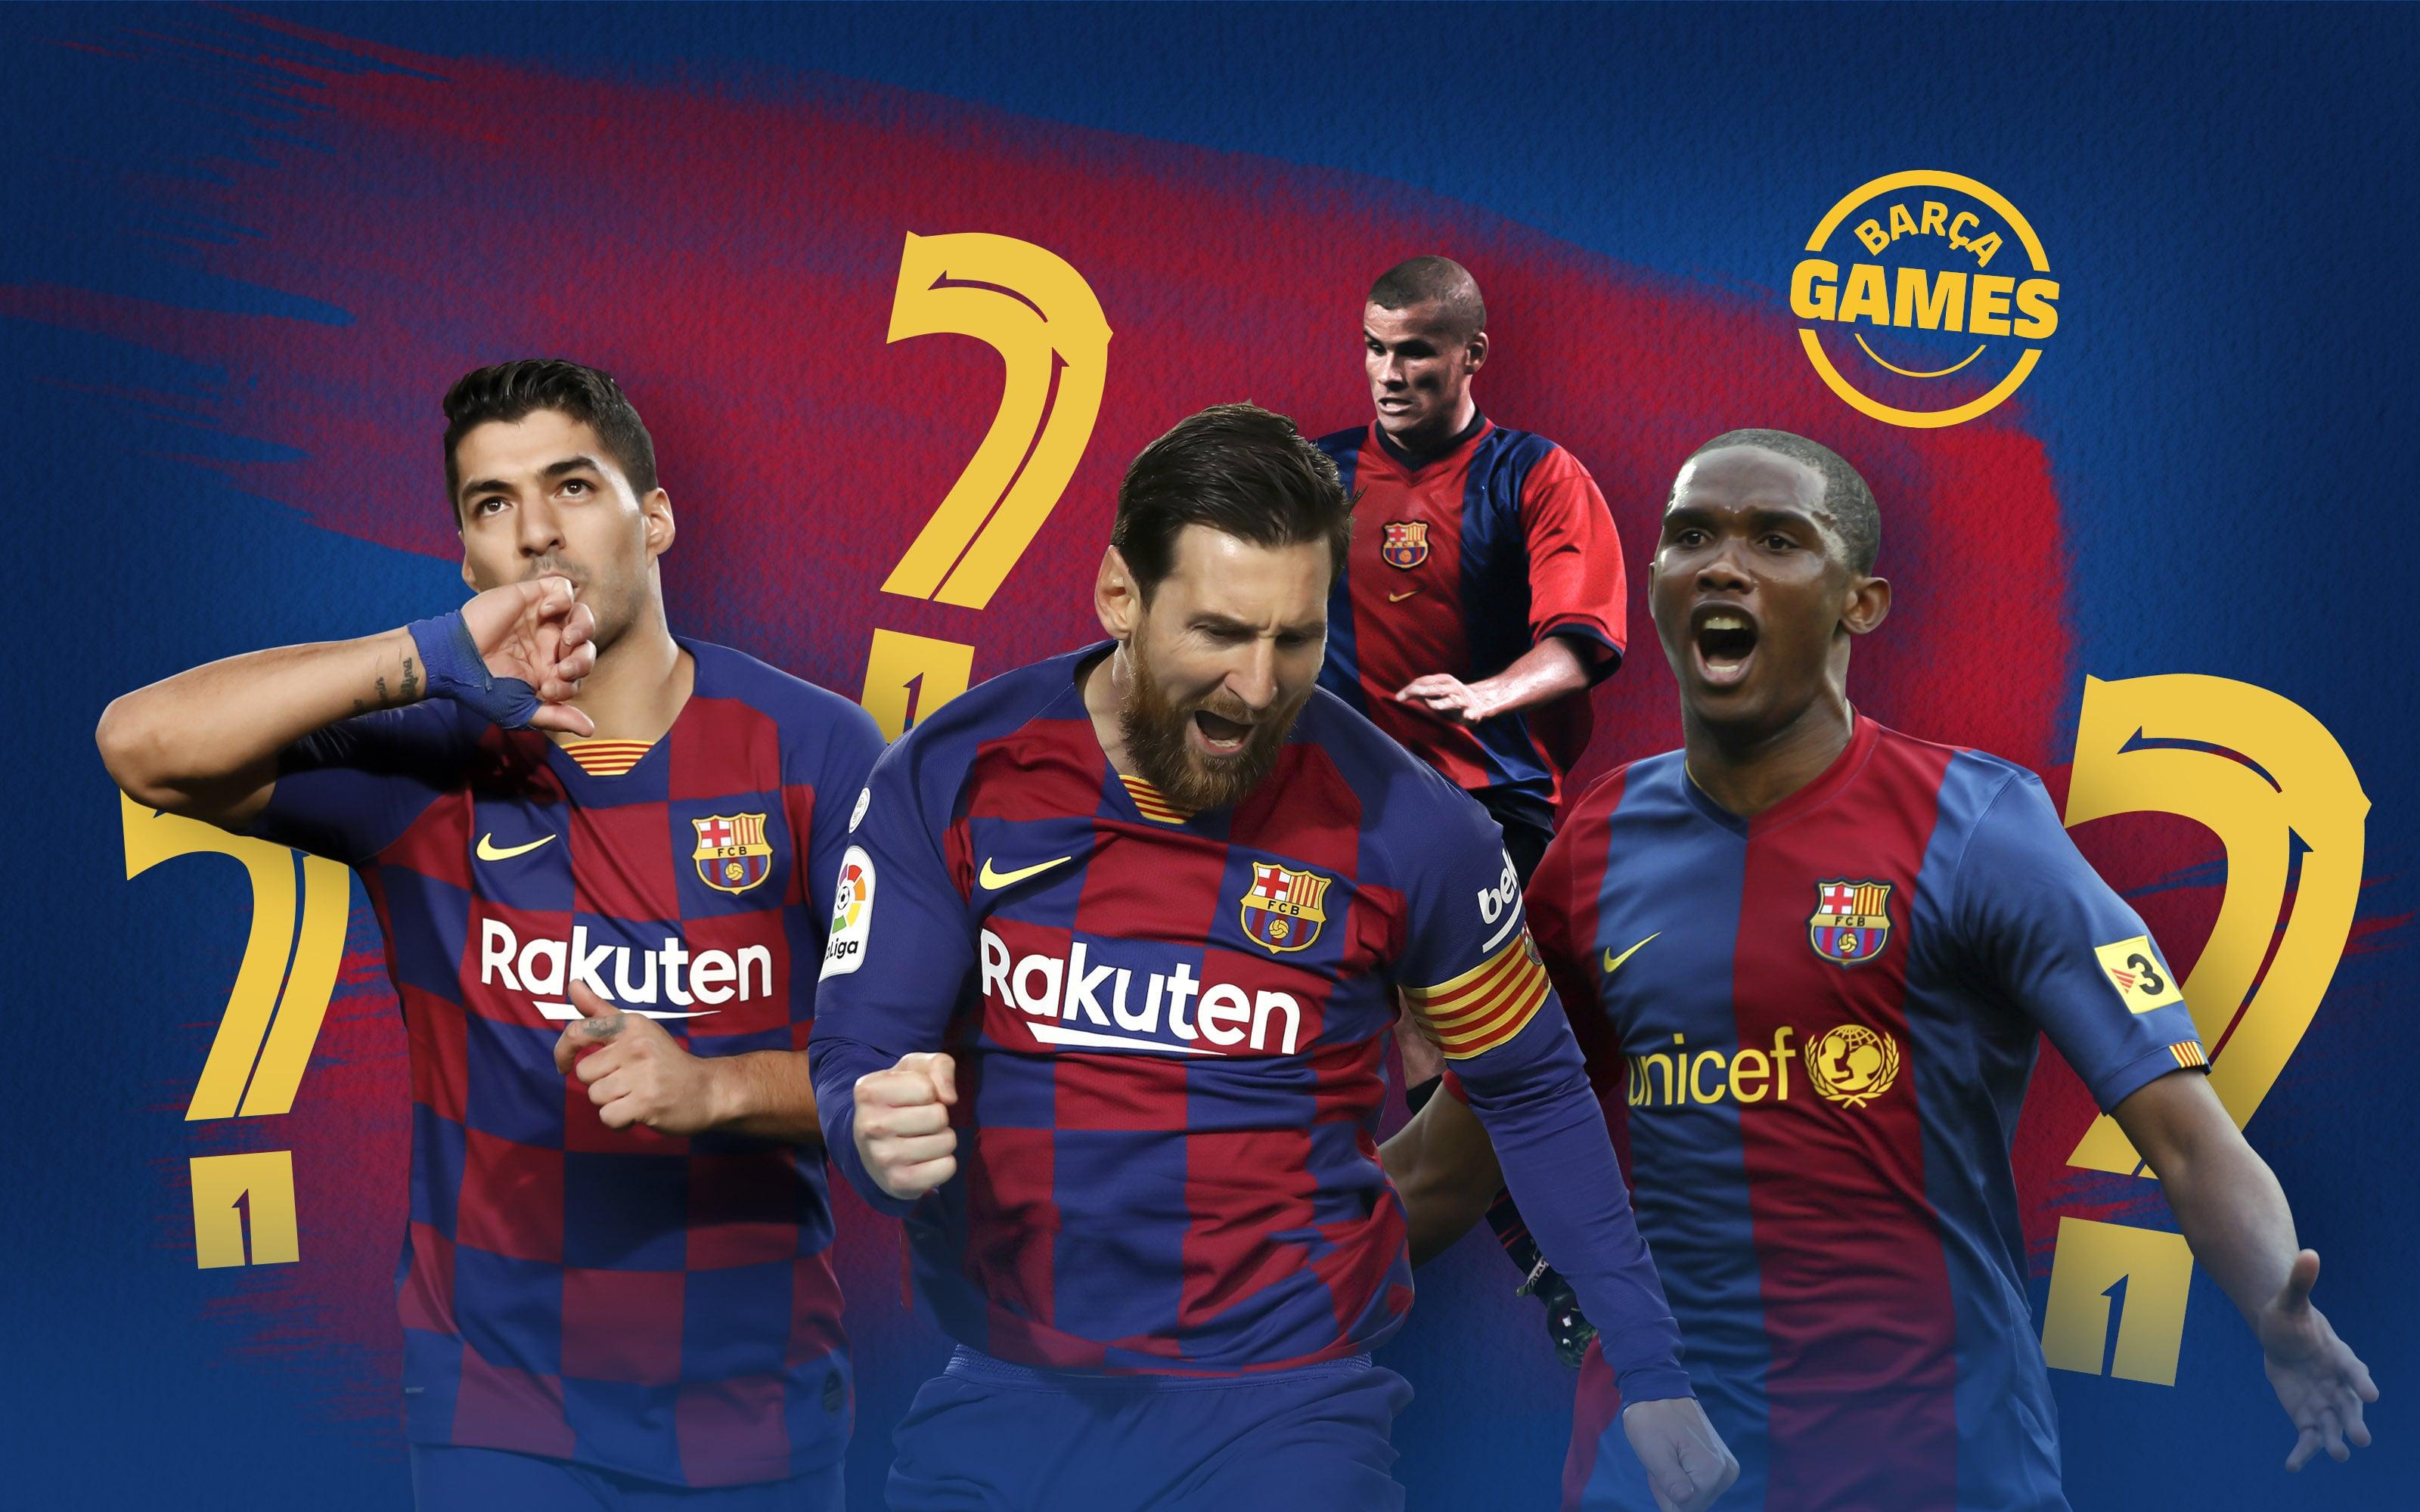 Bạn có biết thứ tự các chân sút huyền thoại của Barça?